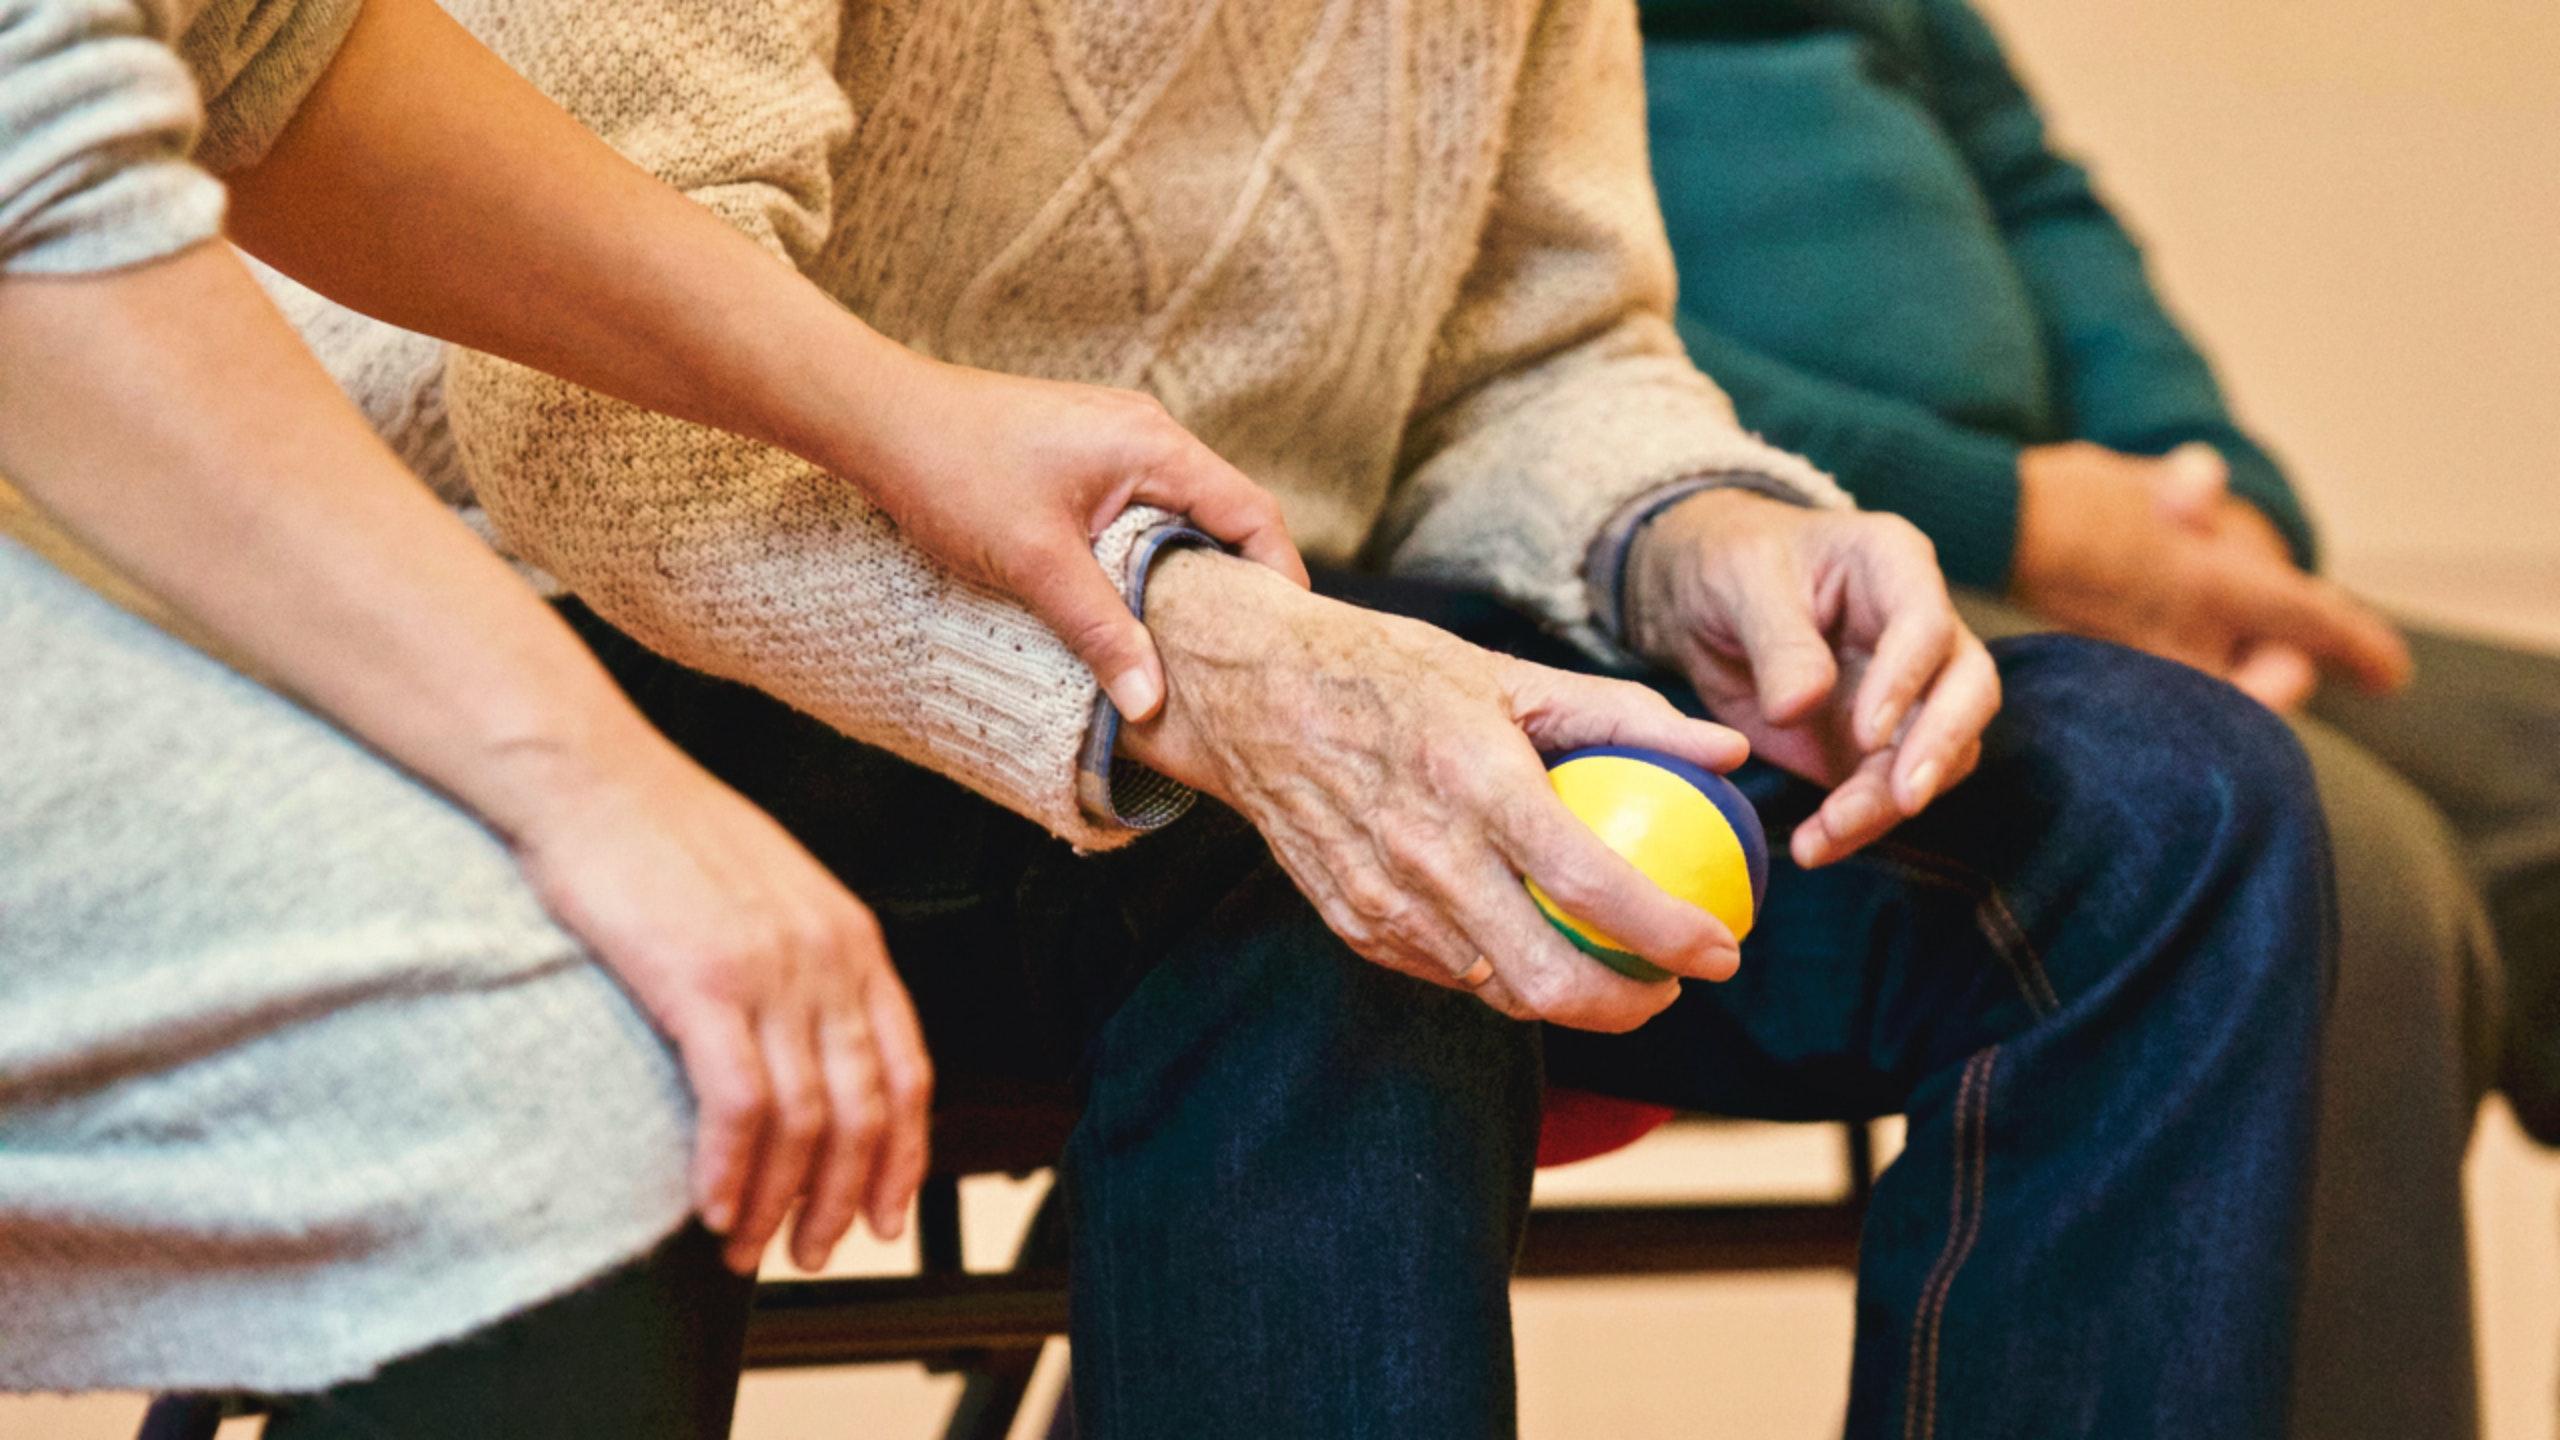 Actividades Fundación AFIM: APOYO Y ATENCIÓN A FAMILIARES Y CUIDADORES DE PERSONAS AFECTADAS DE DETERIORO COGNITIVO